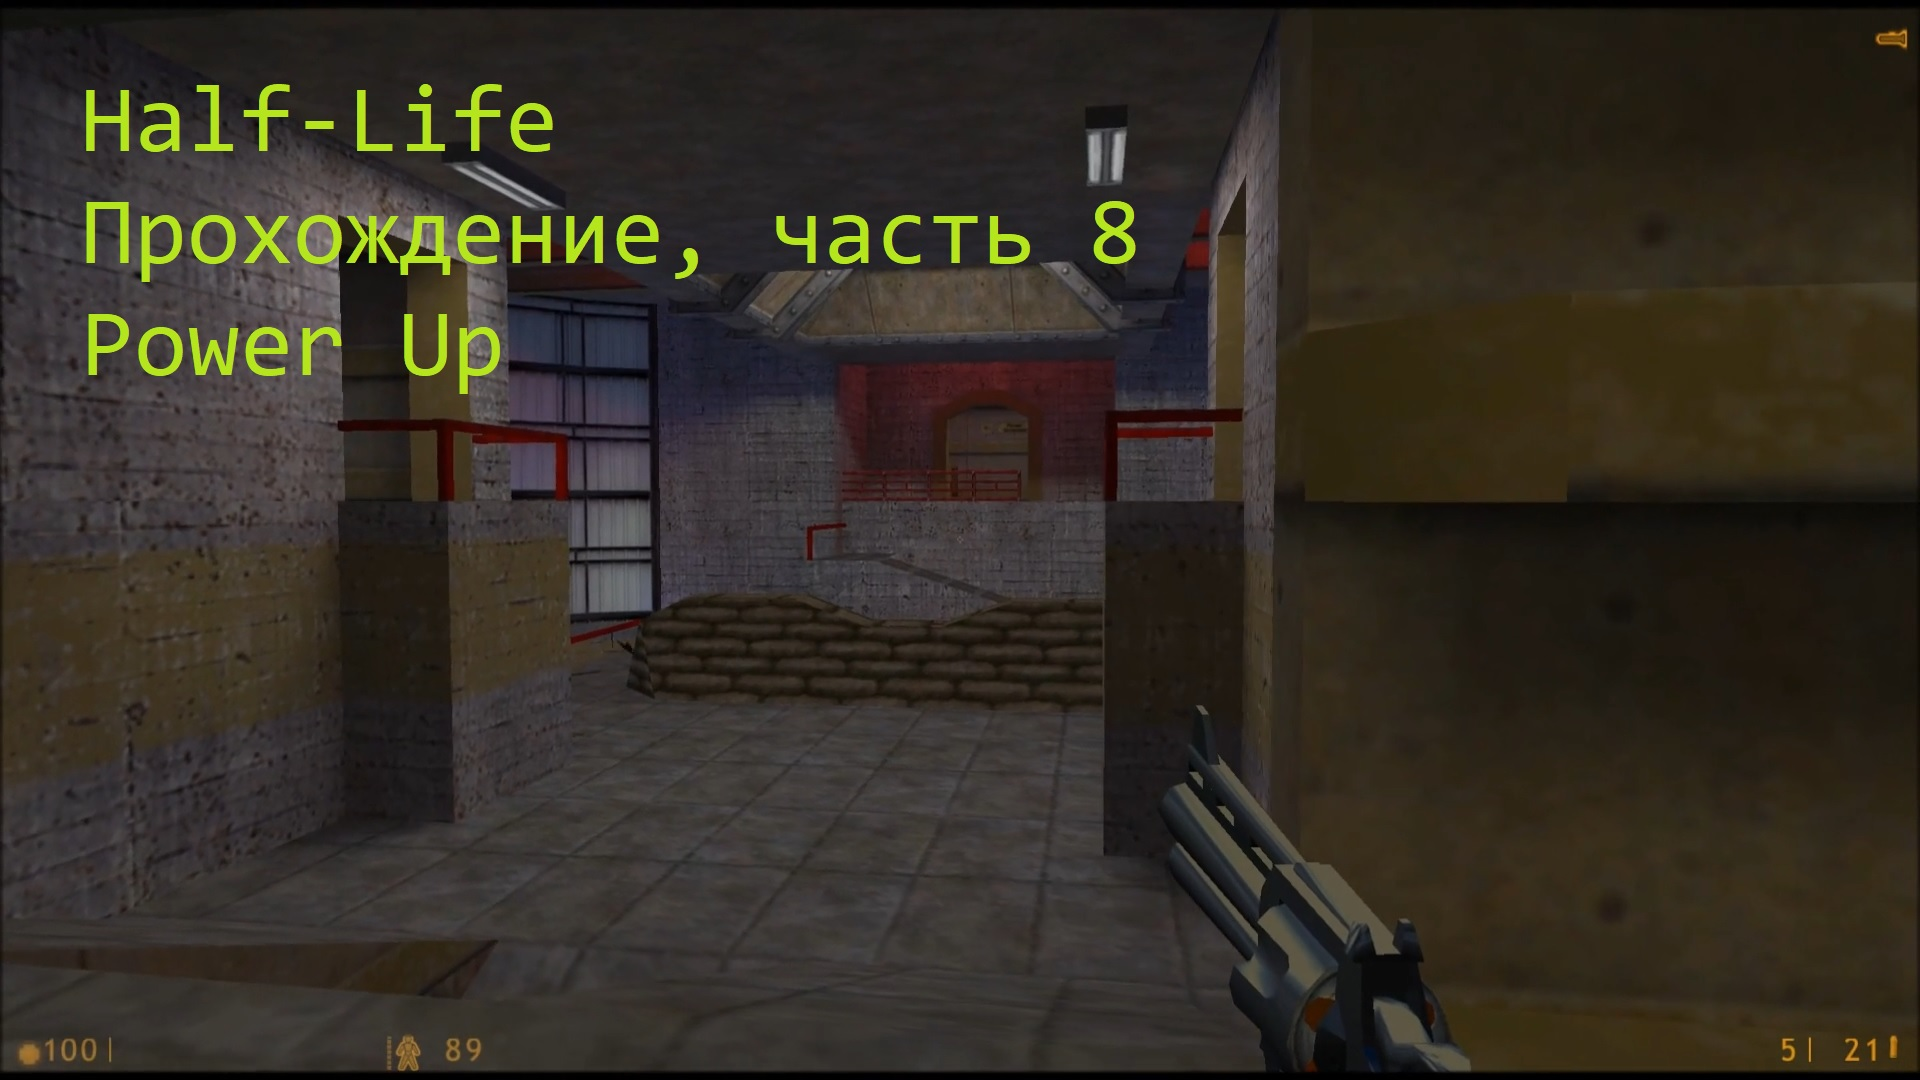 Half-Life, Прохождение, часть 8 - Power Up